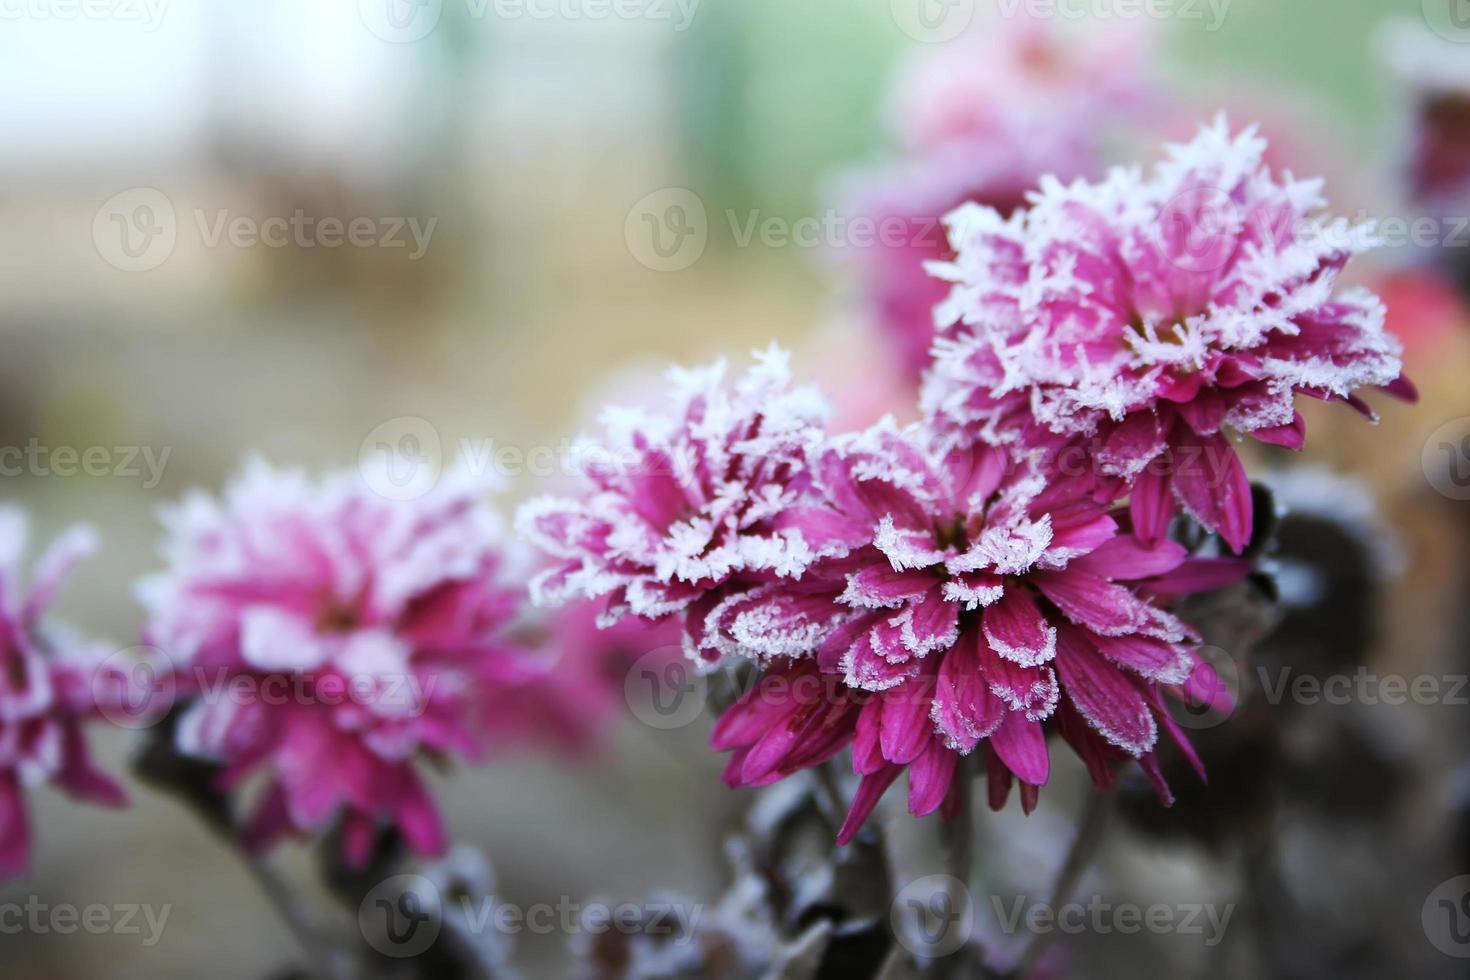 höstblommande blommor av rosa färg täckta med snö. frysta krysantemumblommor i trädgården. rosa blommor är täckta med frost foto